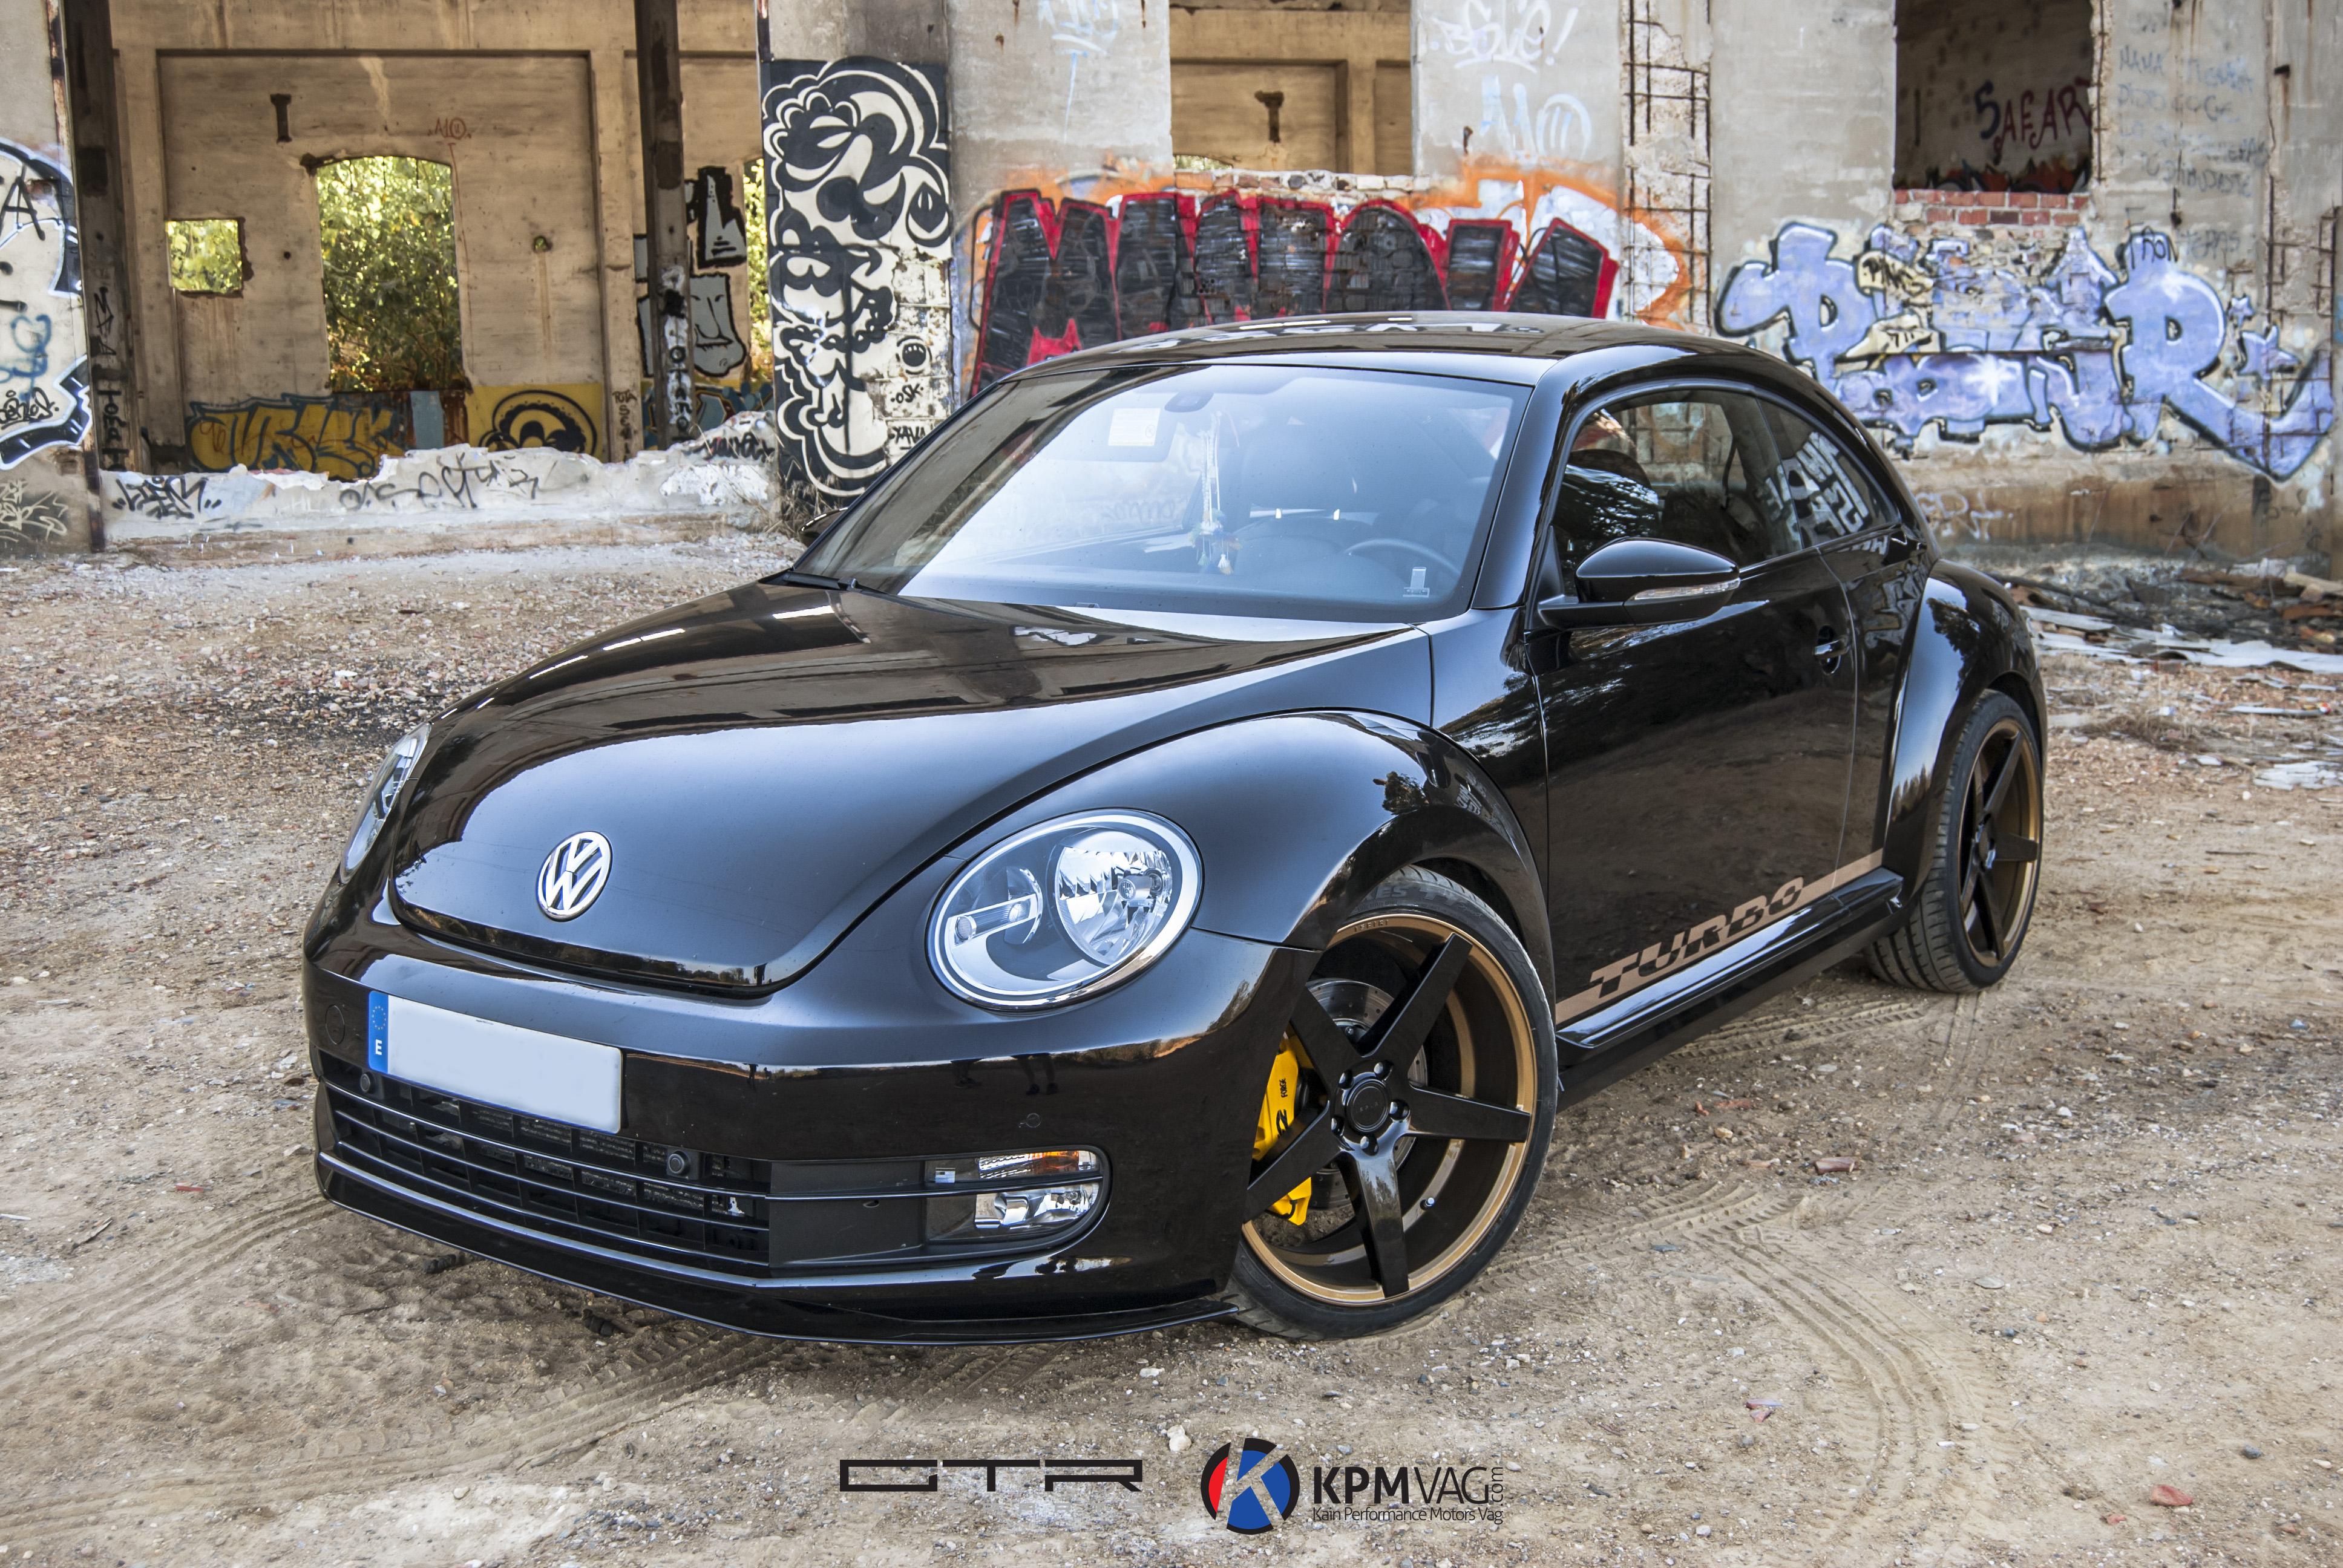 Preparación Volkswagen Beetle APR KPM By GTR Autoparts